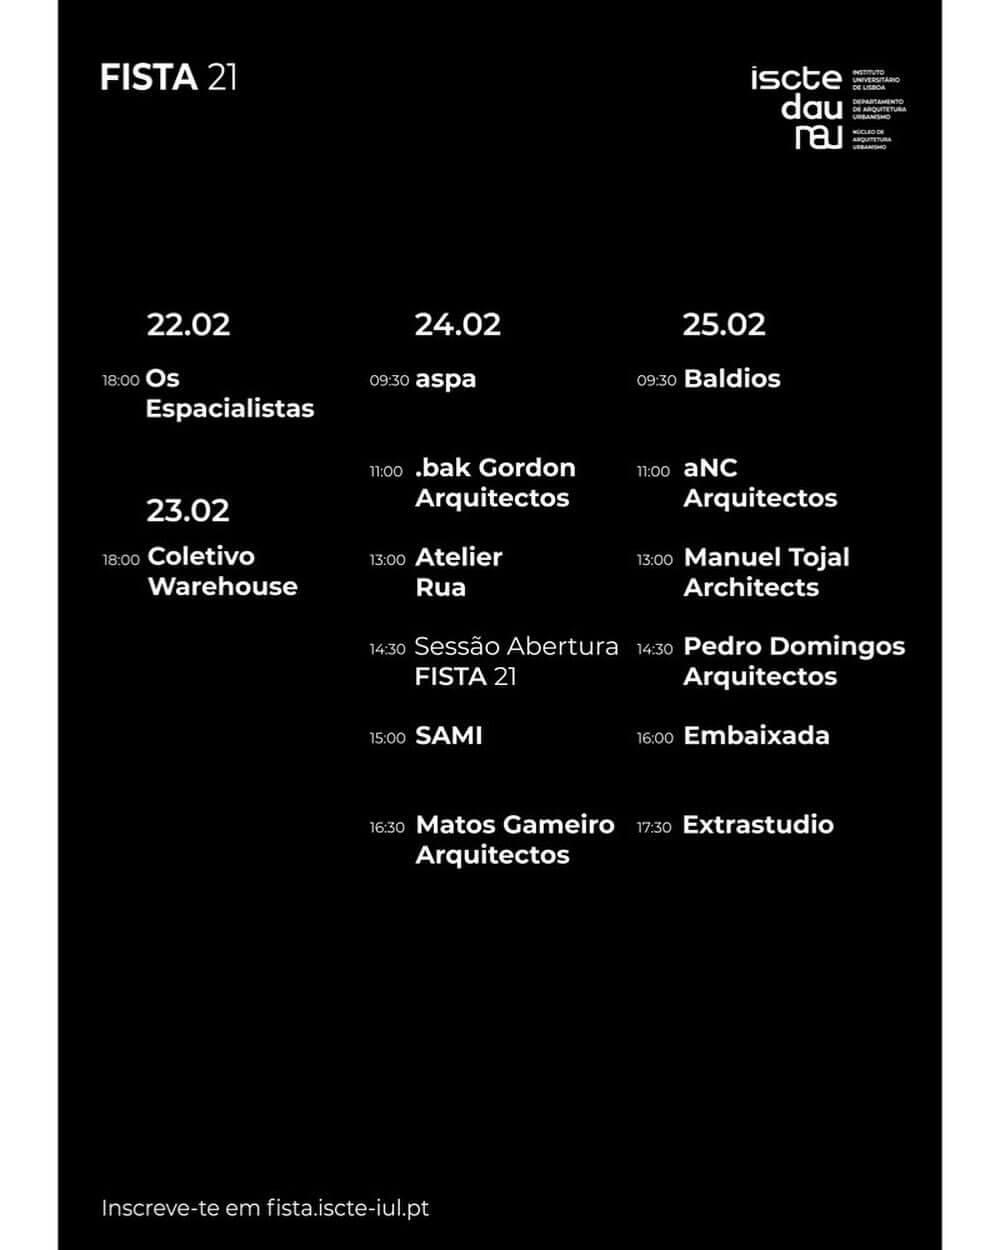 Fista 21: Conferências de Arquitetura